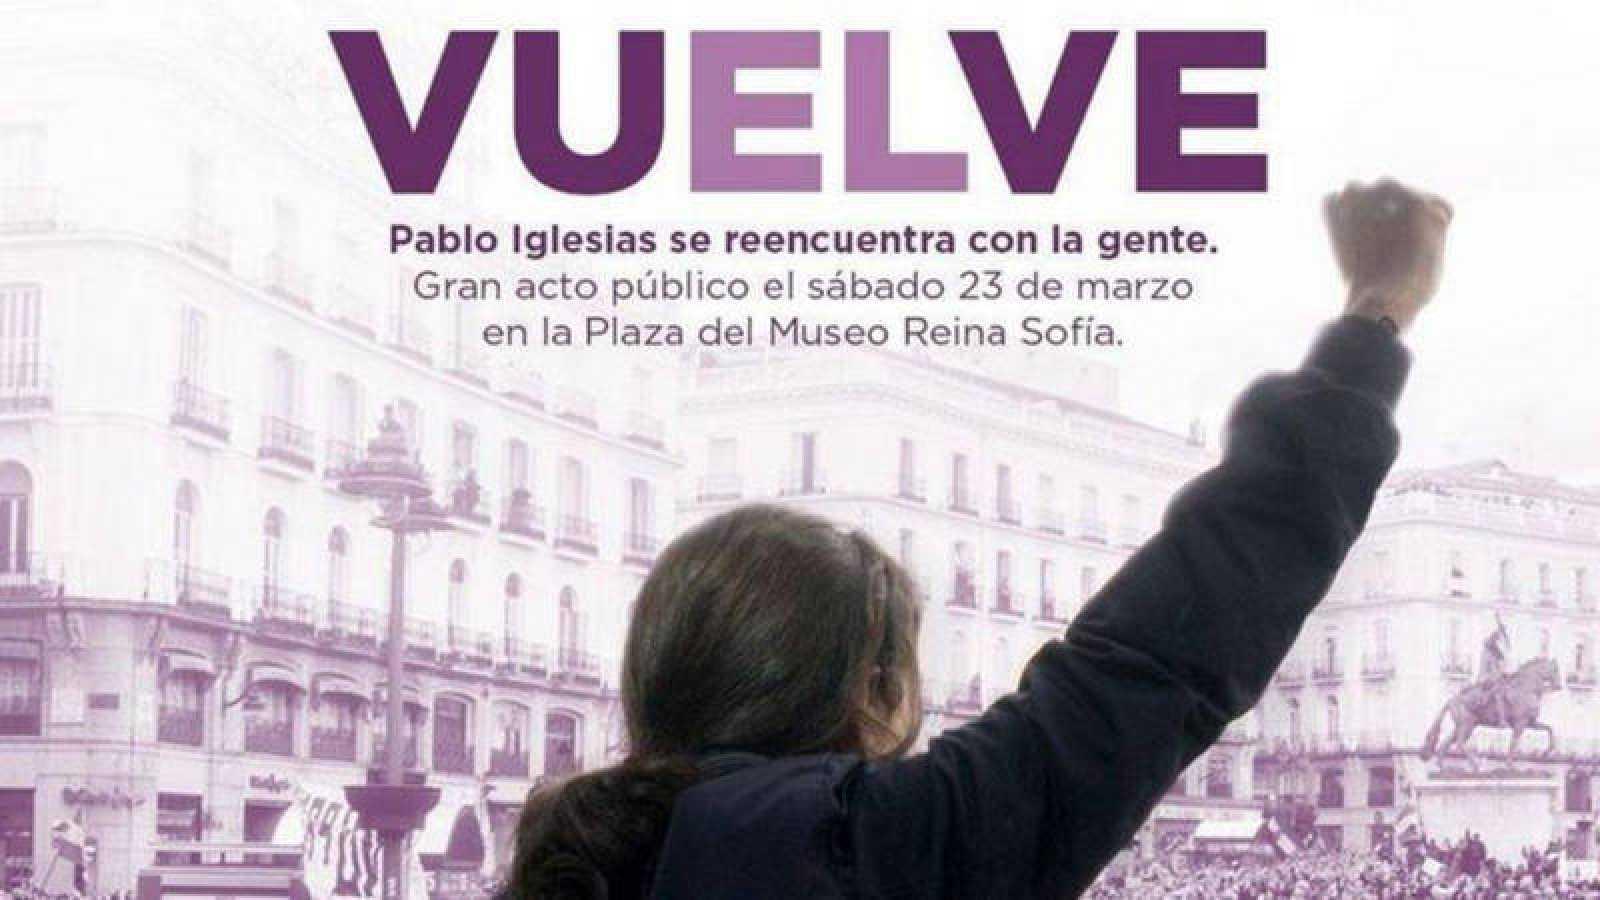 Imagen del cartel con el que Podemos ha anunciado la vuelta de Iglesias  Podemos 4108d93ad4c